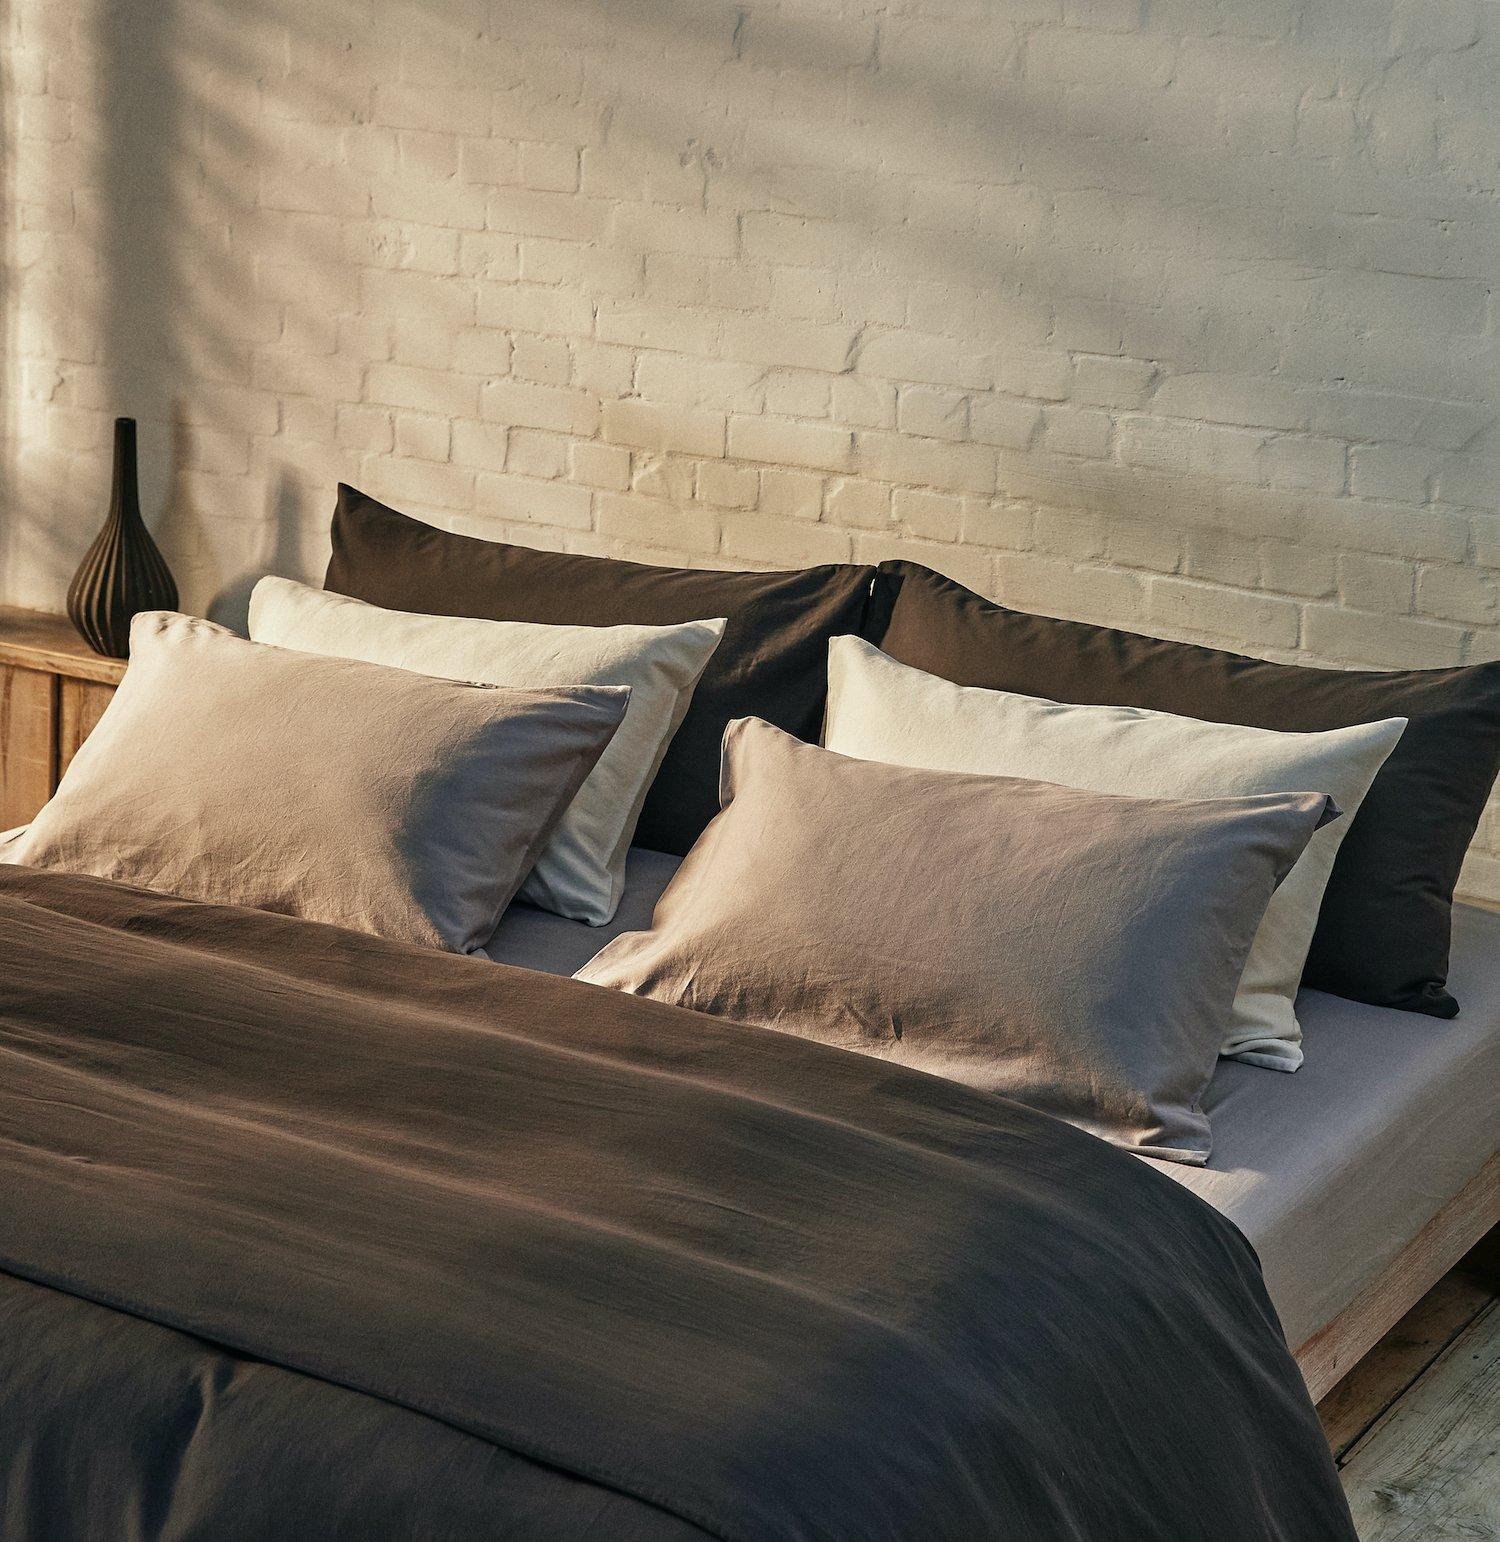 ชุดเครื่องนอน ตัวช่วยที่ทำให้การนอนหลับสมมบูรณ์แบบ